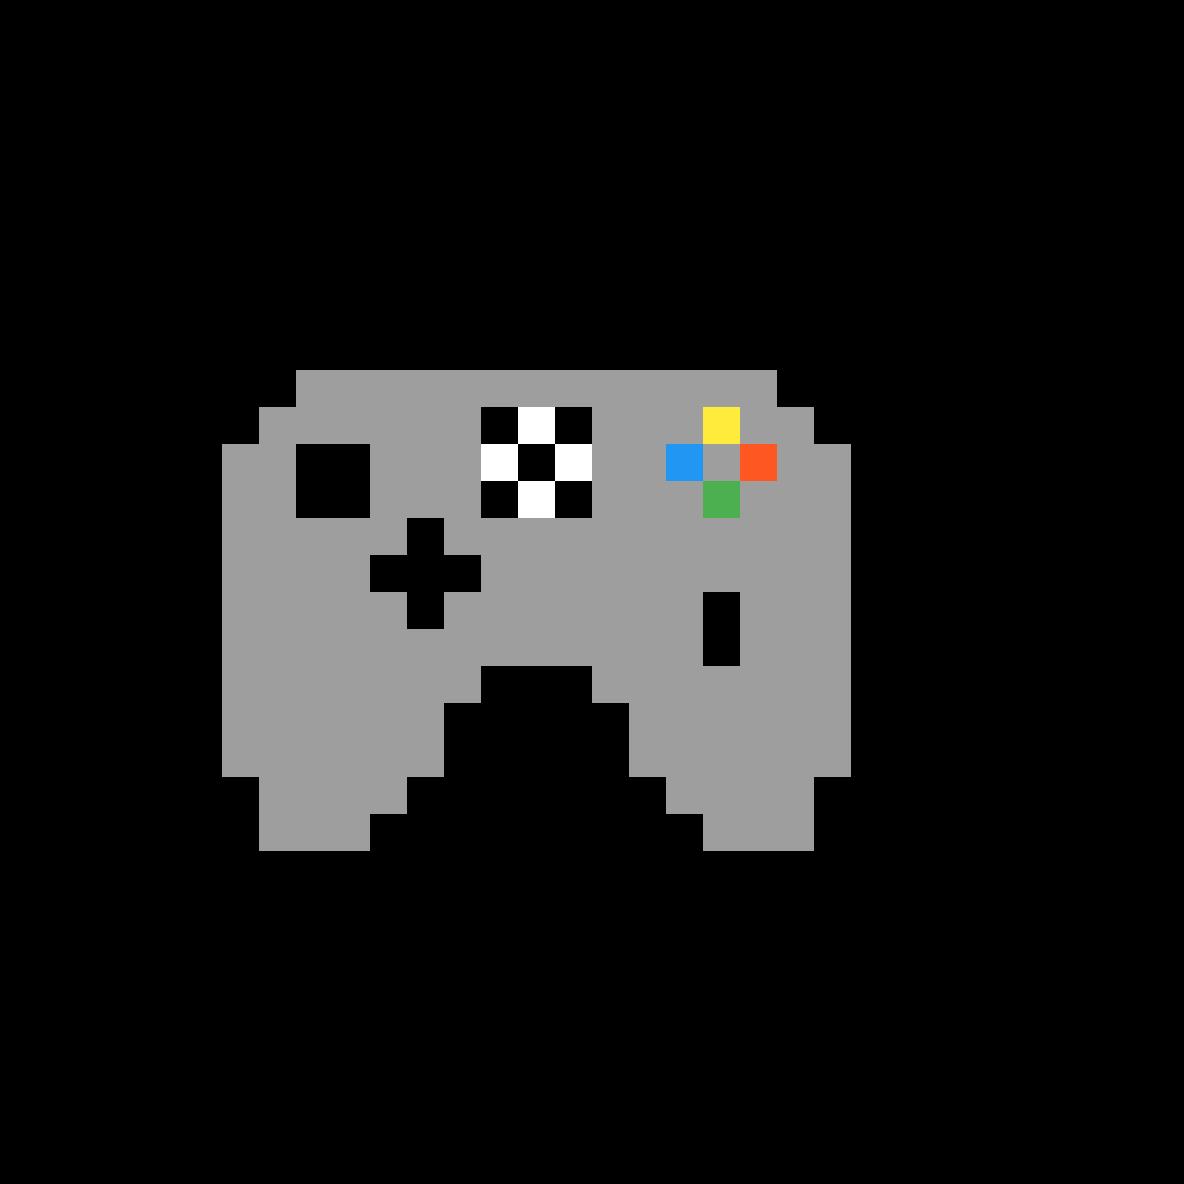 Xbox remote by KillerScythe